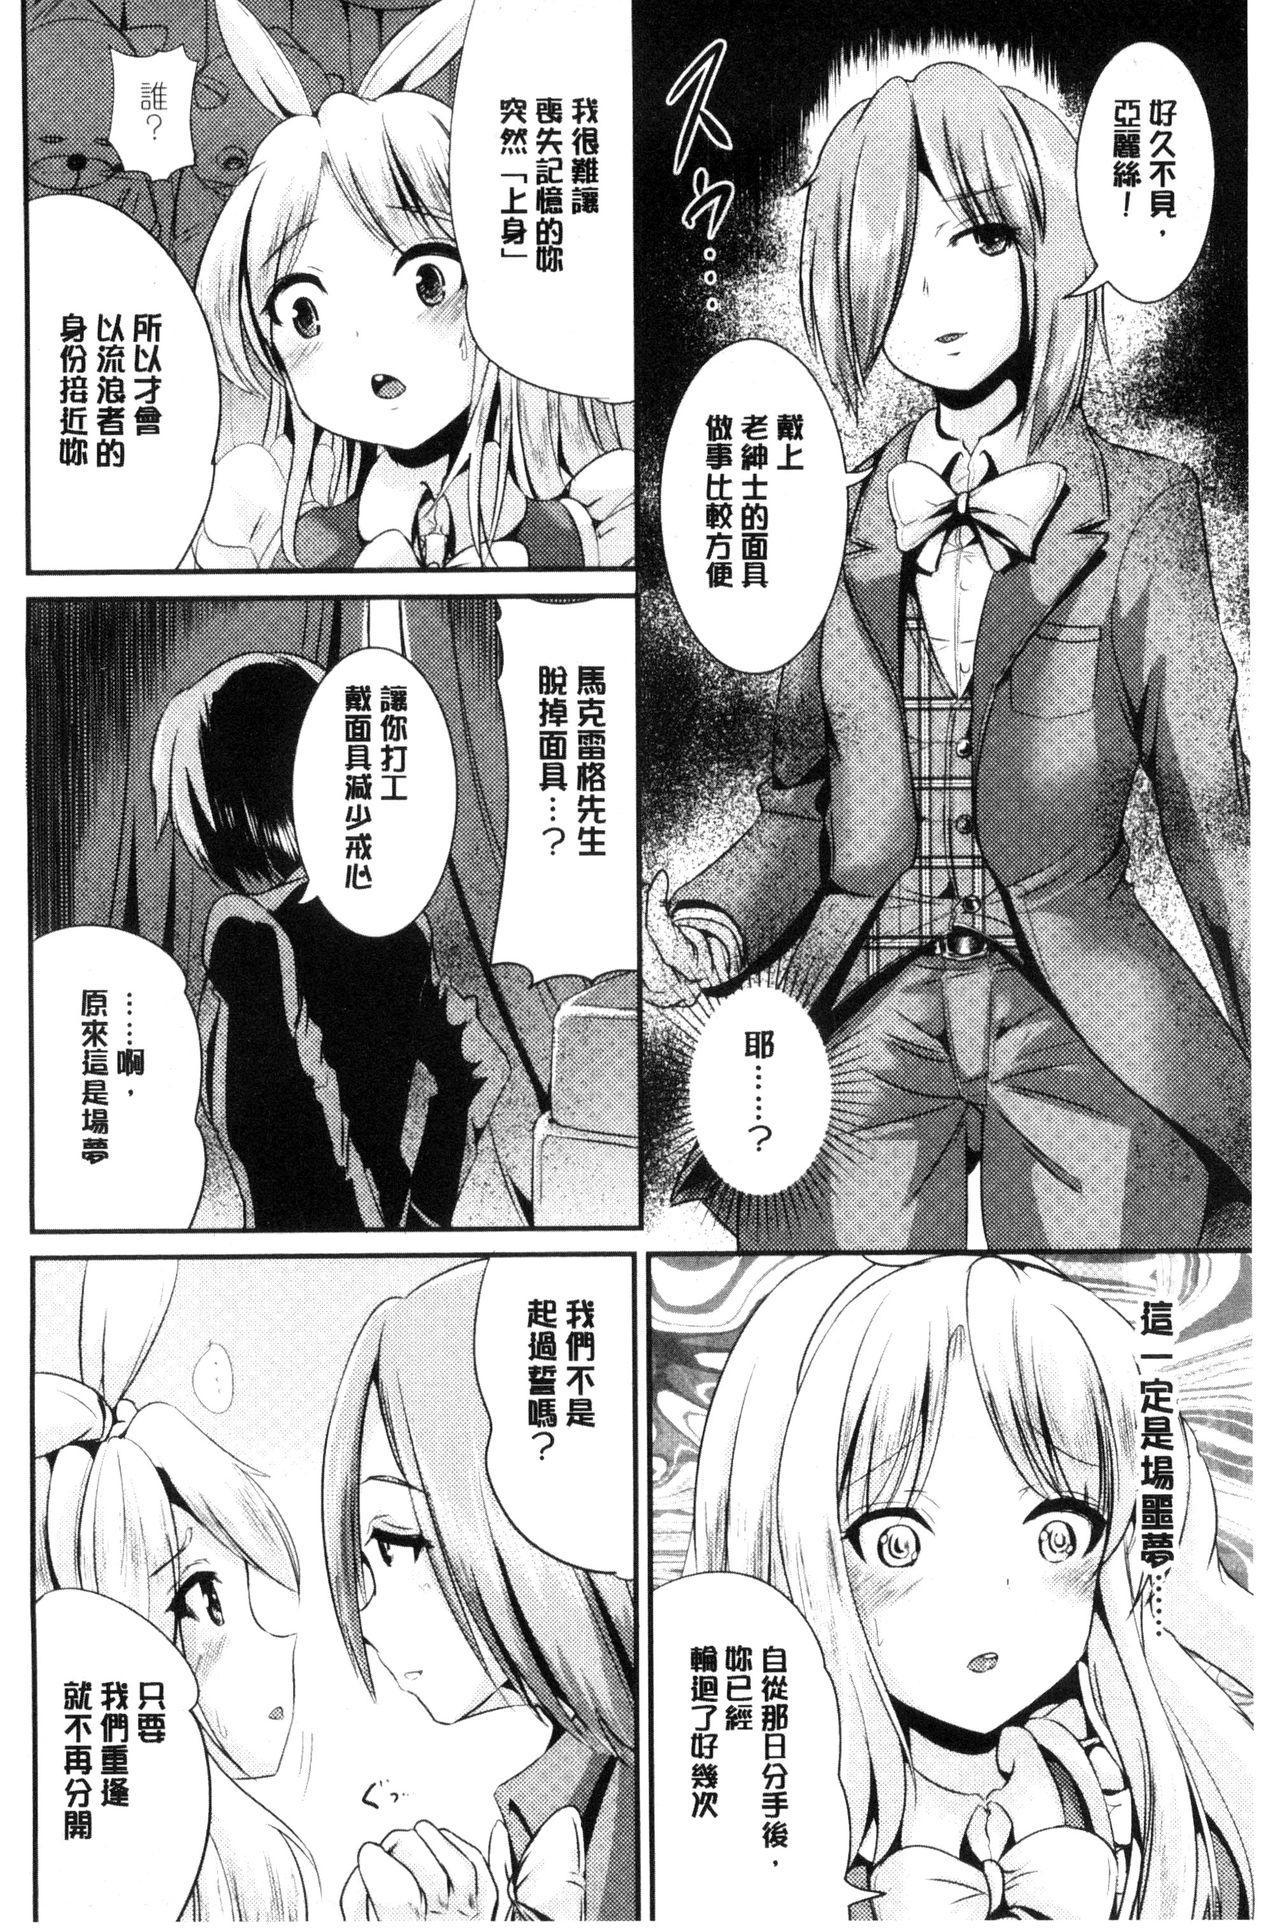 [Marneko] Onnanoko Supple ~Seitenkan Shite Hoken no Jugyou~   女孩子補給品 性轉換之後保健的授業 [Chinese] 67